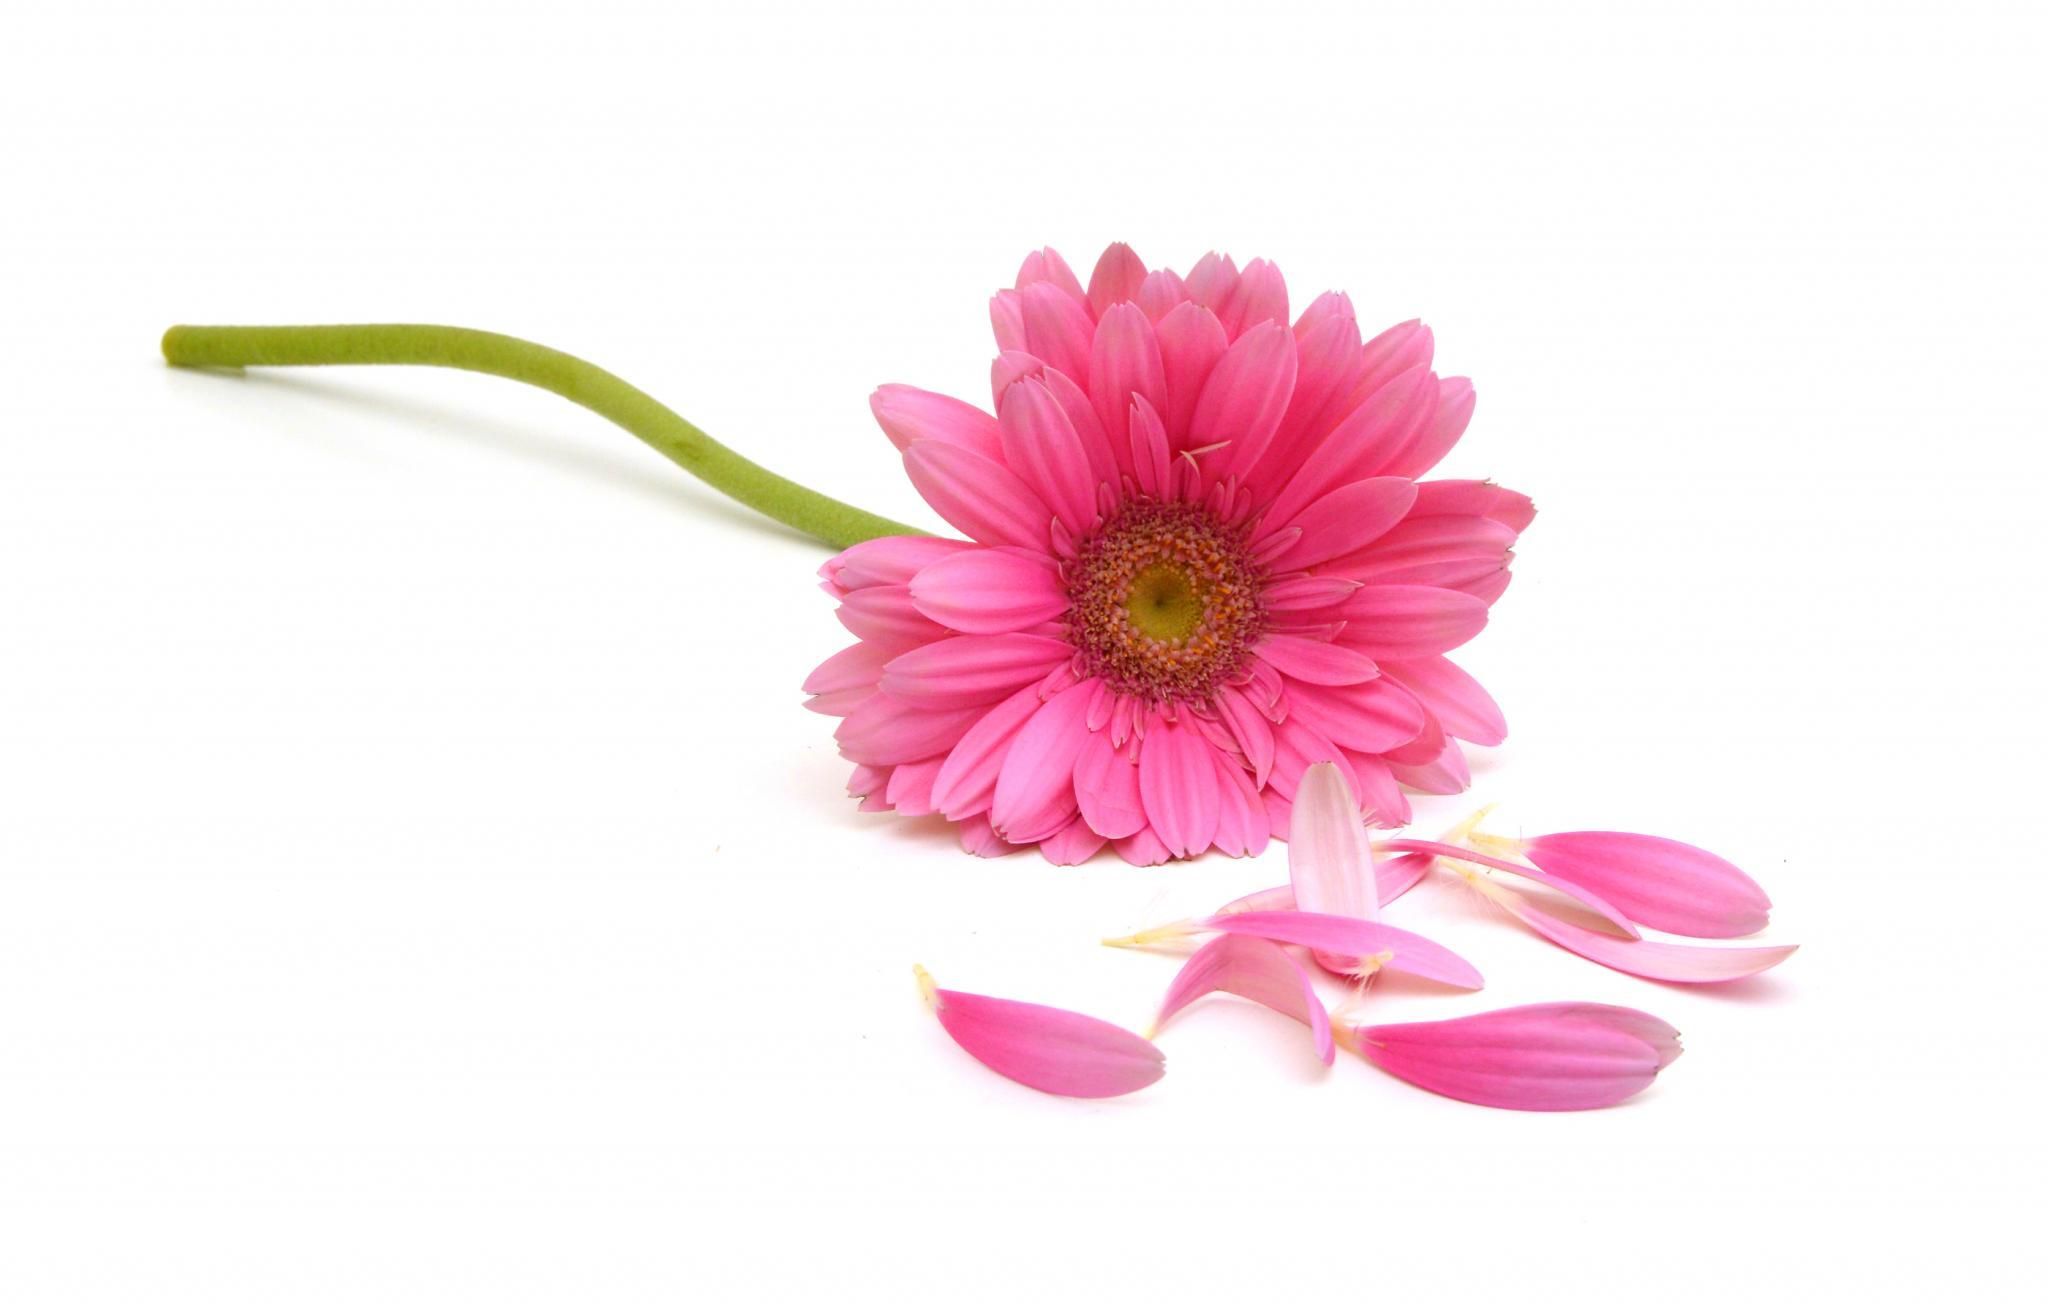 Flower missing petals